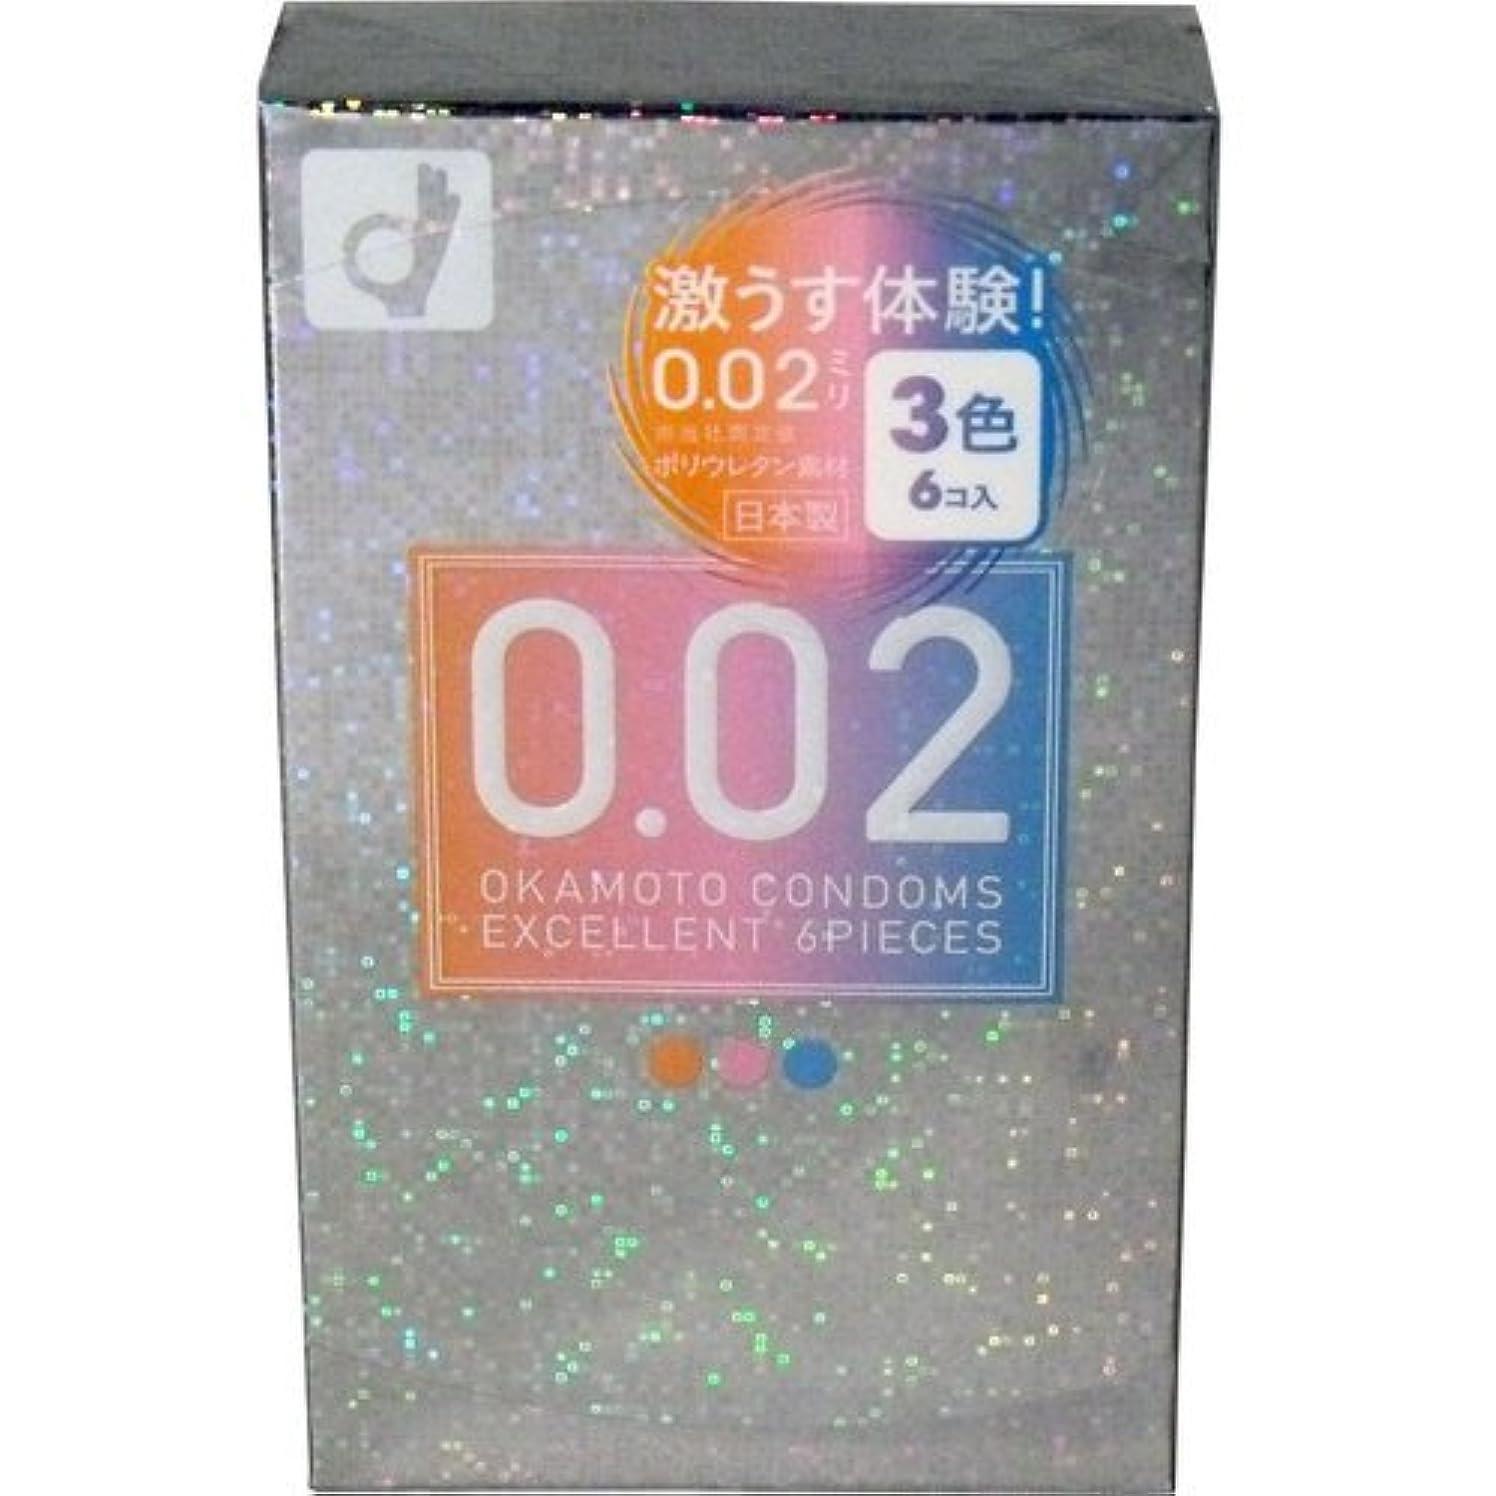 割り当てるこっそり指定するオカモトコンドームズ 0.02EX(エクセレント) カラー3色 6個入  ×5個セット